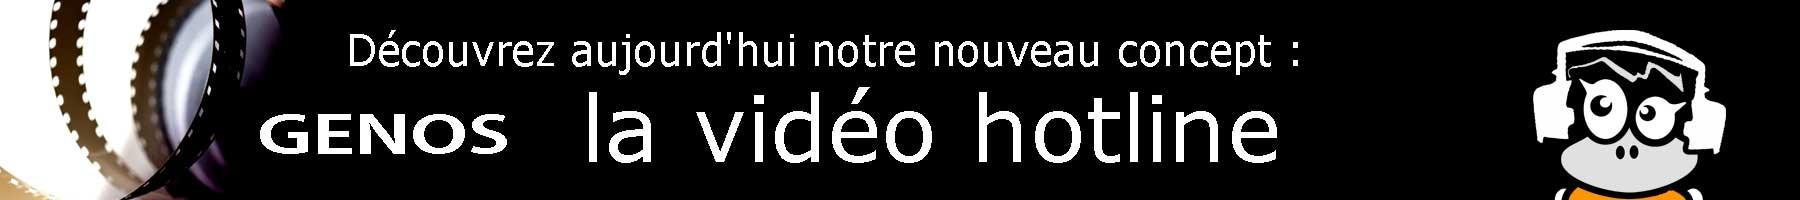 La vidéo hotline